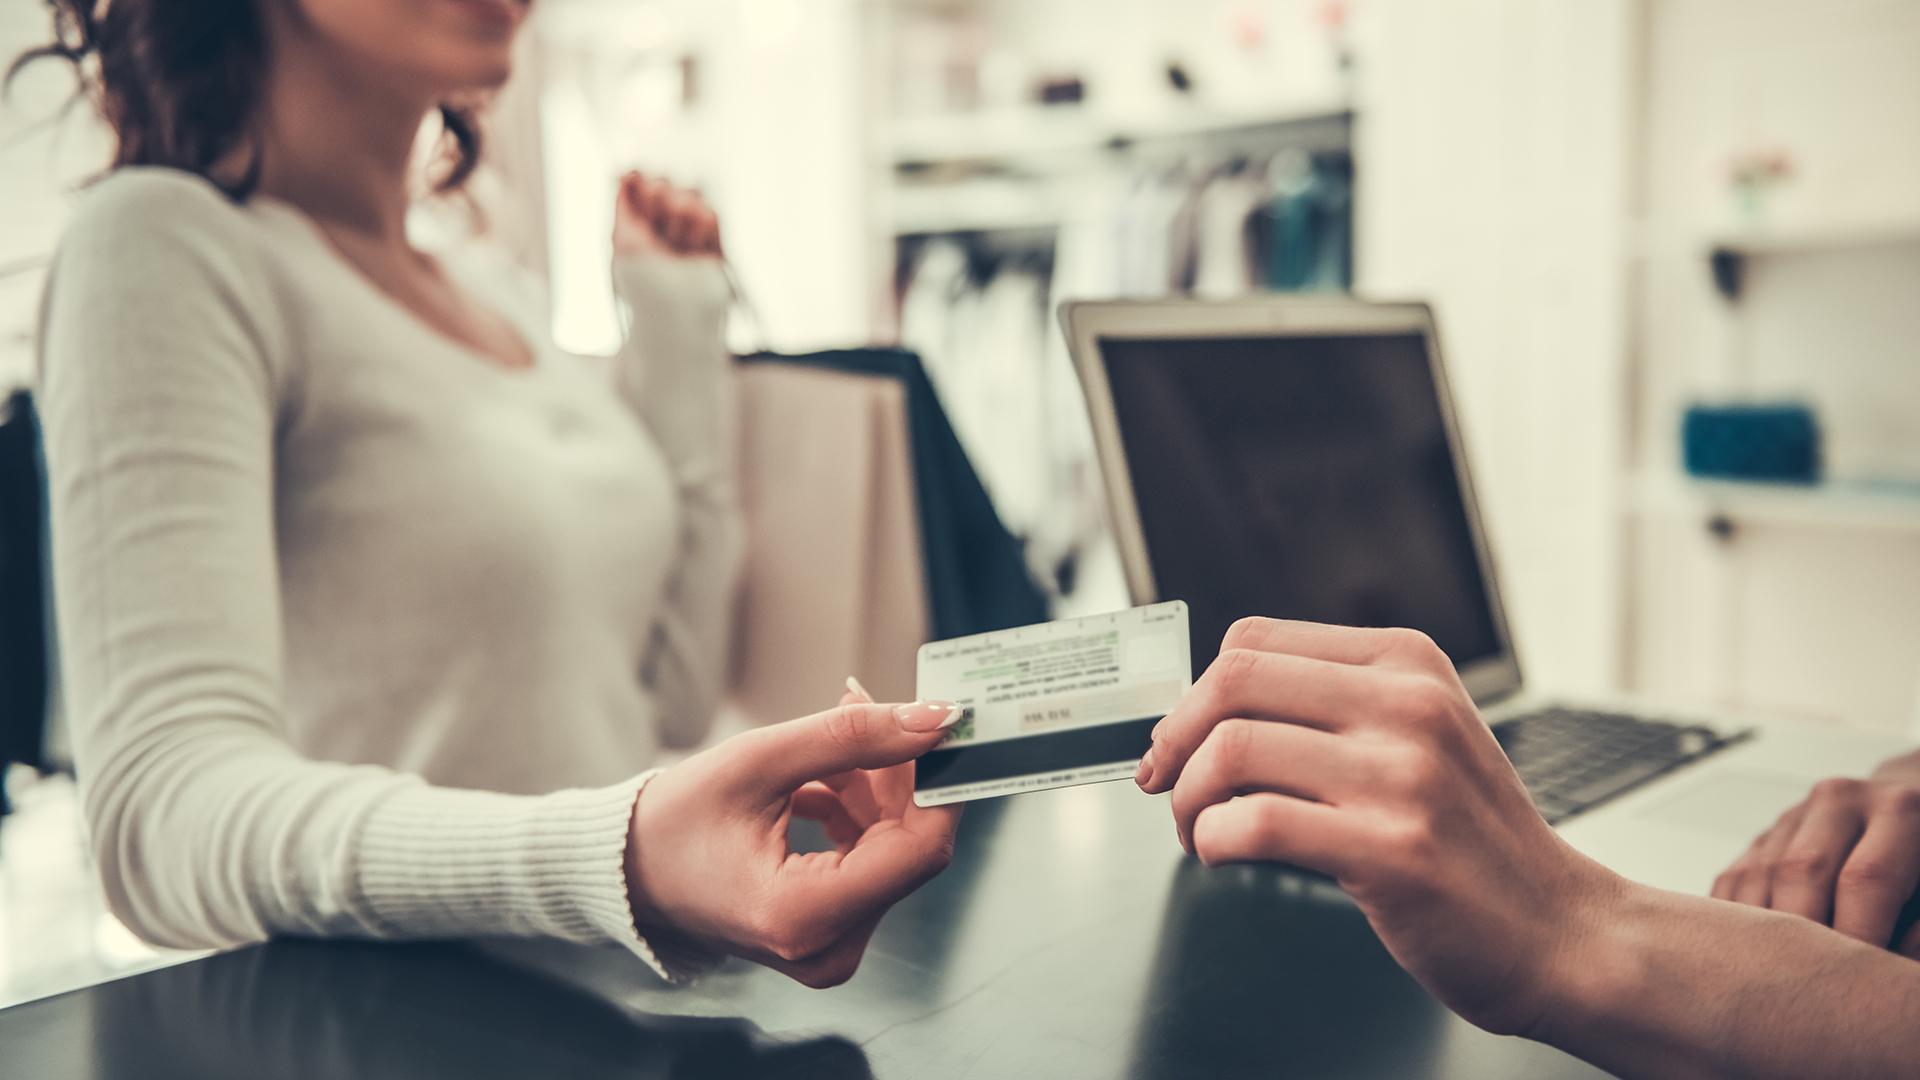 La aceleración de la inflación sacó del mercado a las compras en cuotas sin interés (Getty Images)